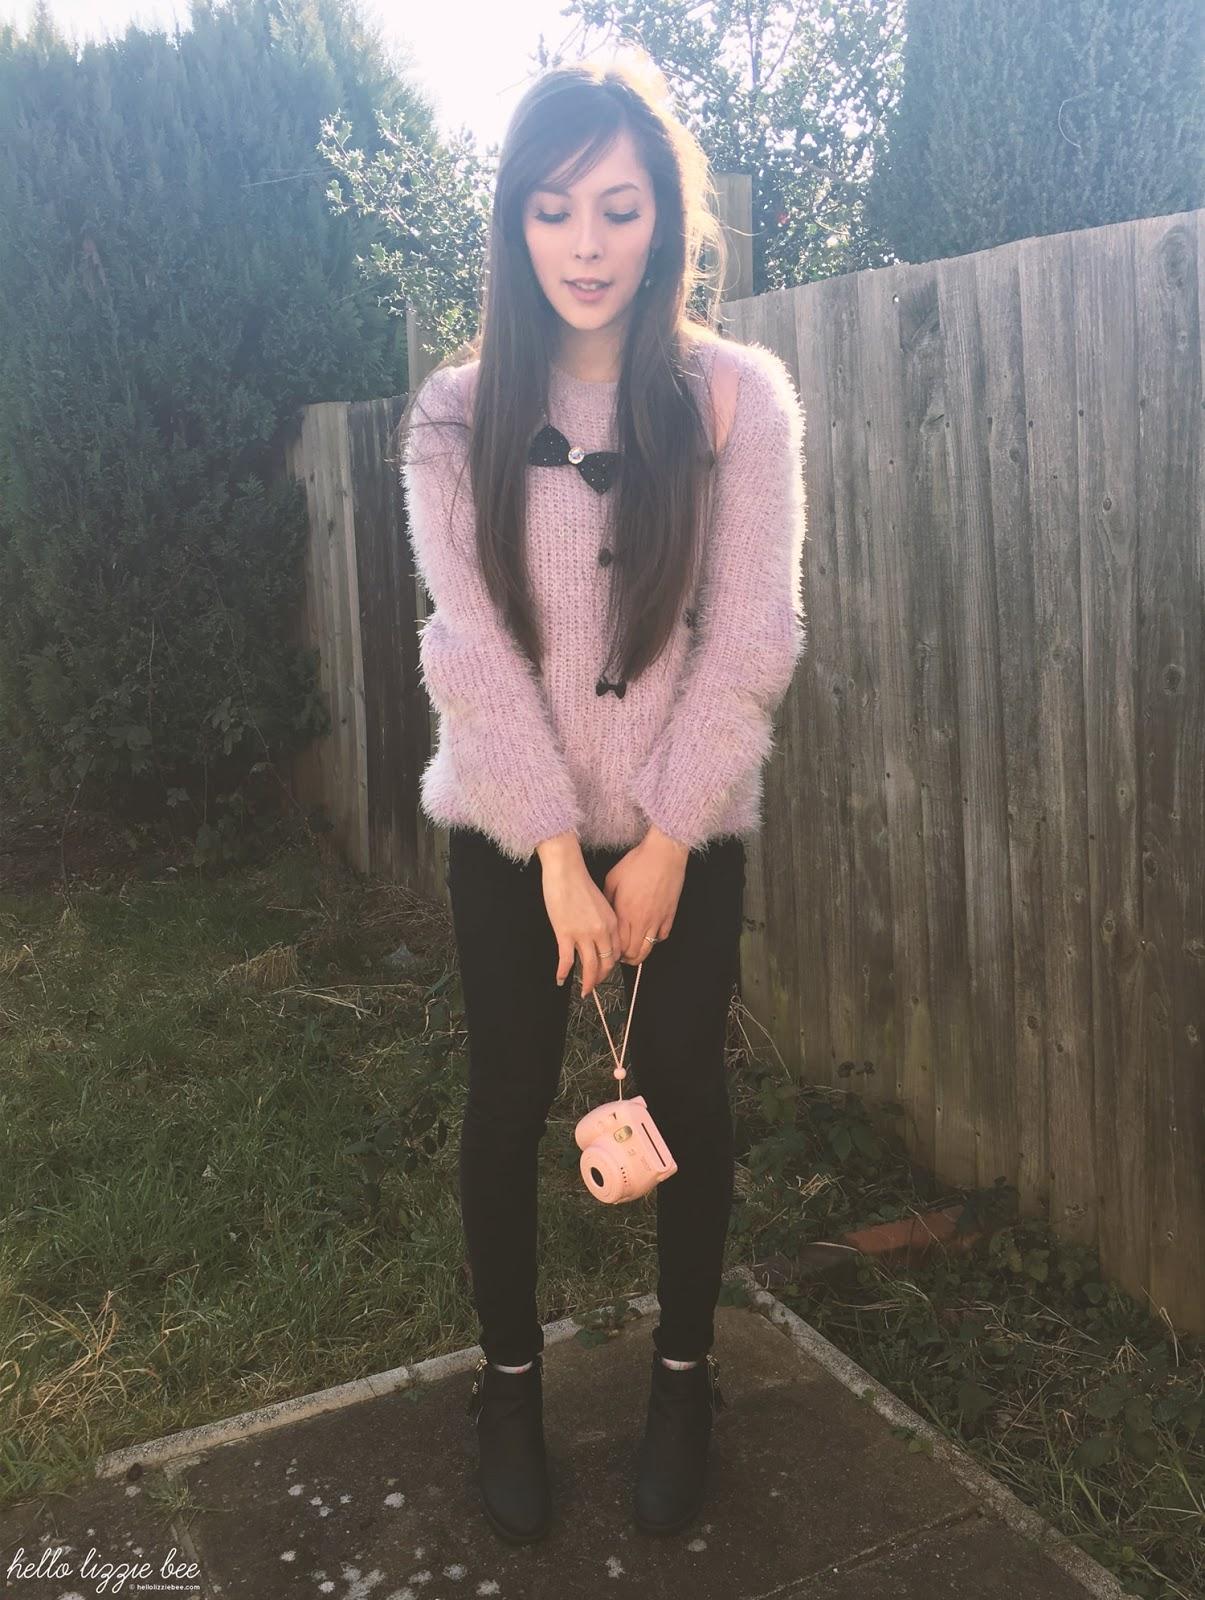 jfashion blogger, kawaii fashion outfit, ootd